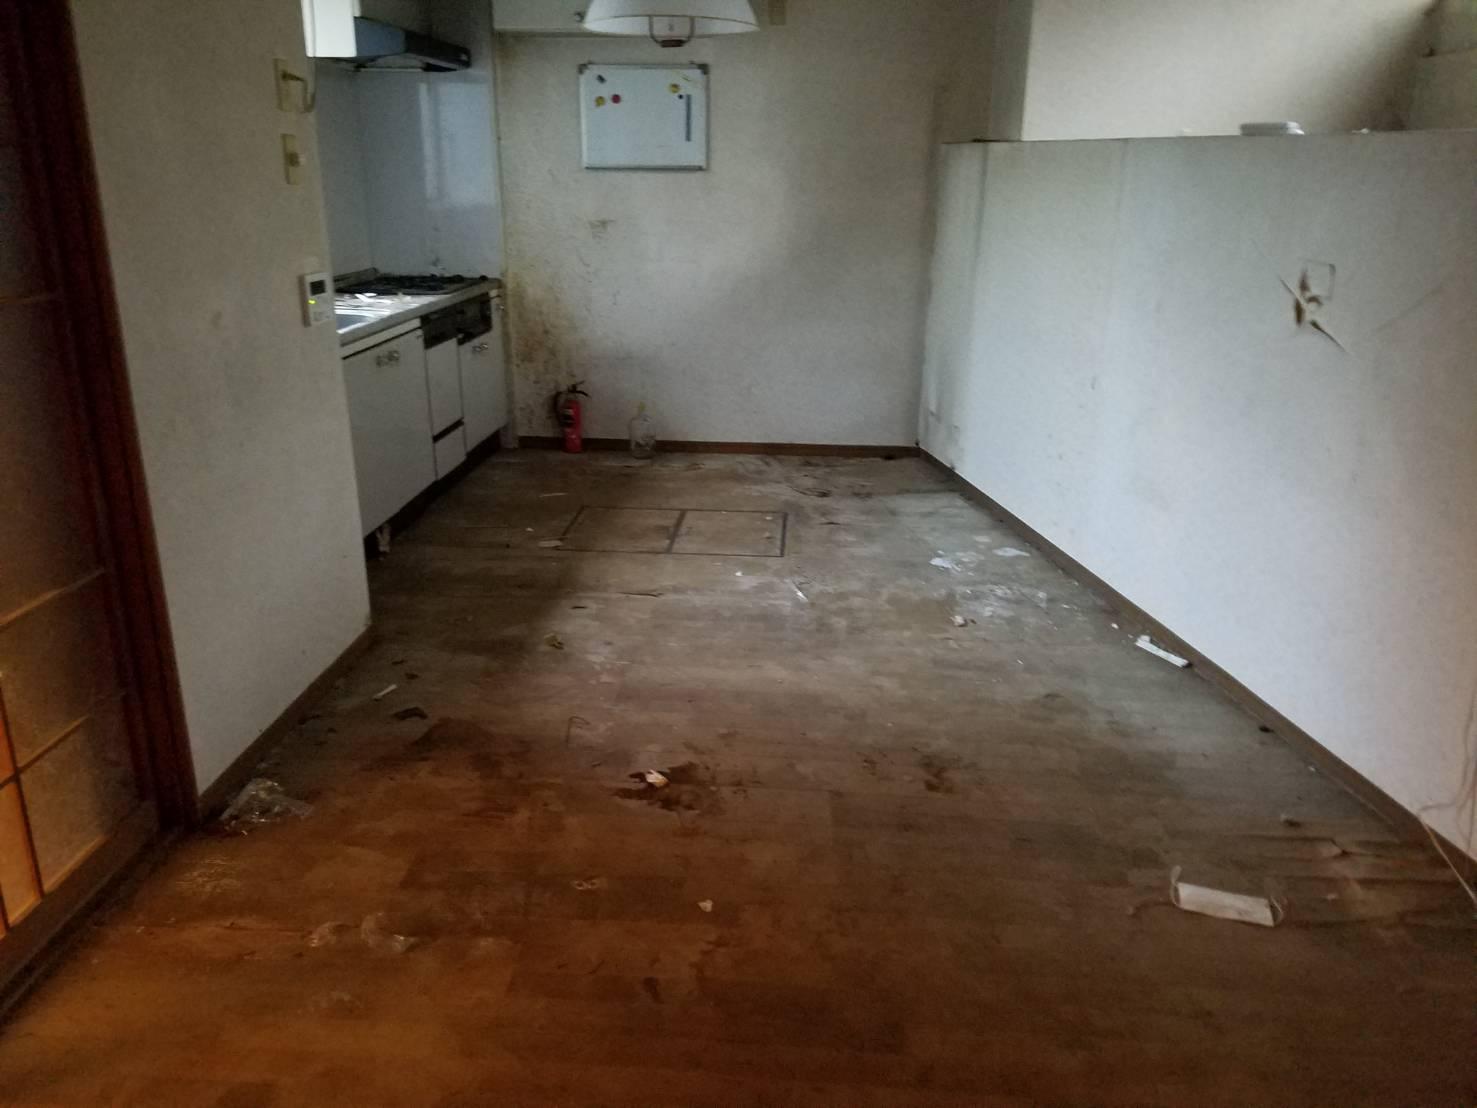 冷蔵庫、食器棚、調理器具の回収後